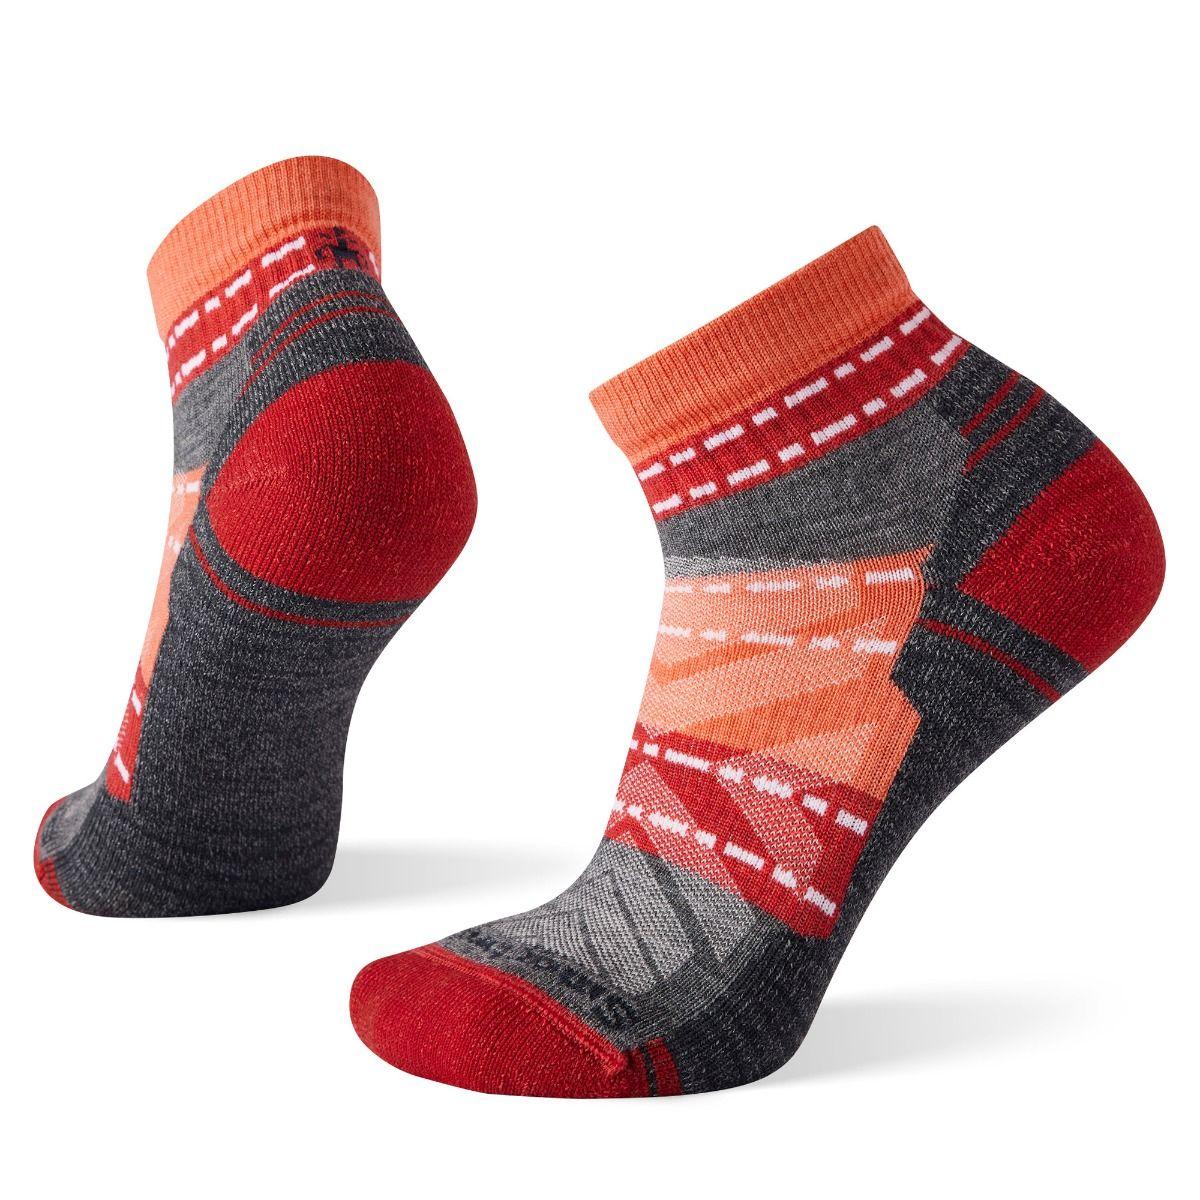 Women's Hike Light Cushion Margarita Ankle Socks